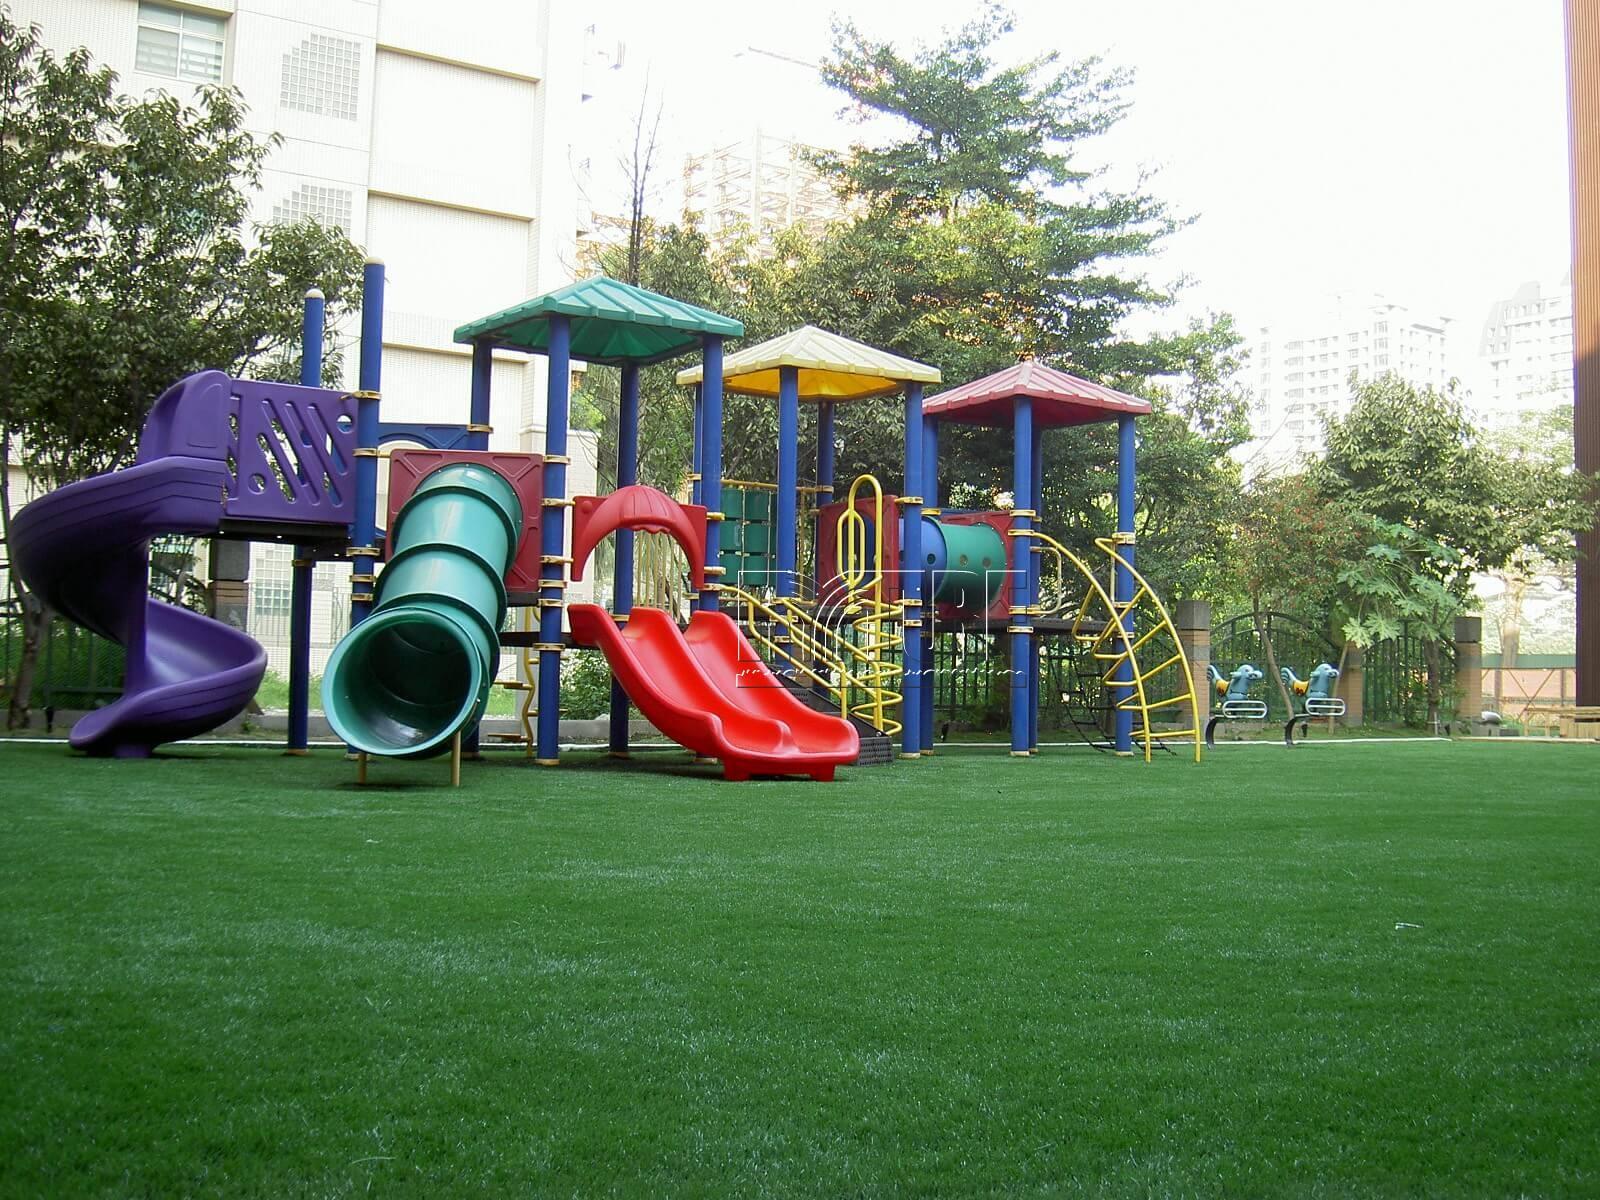 台中市大都會幼兒園人工草遊戲區